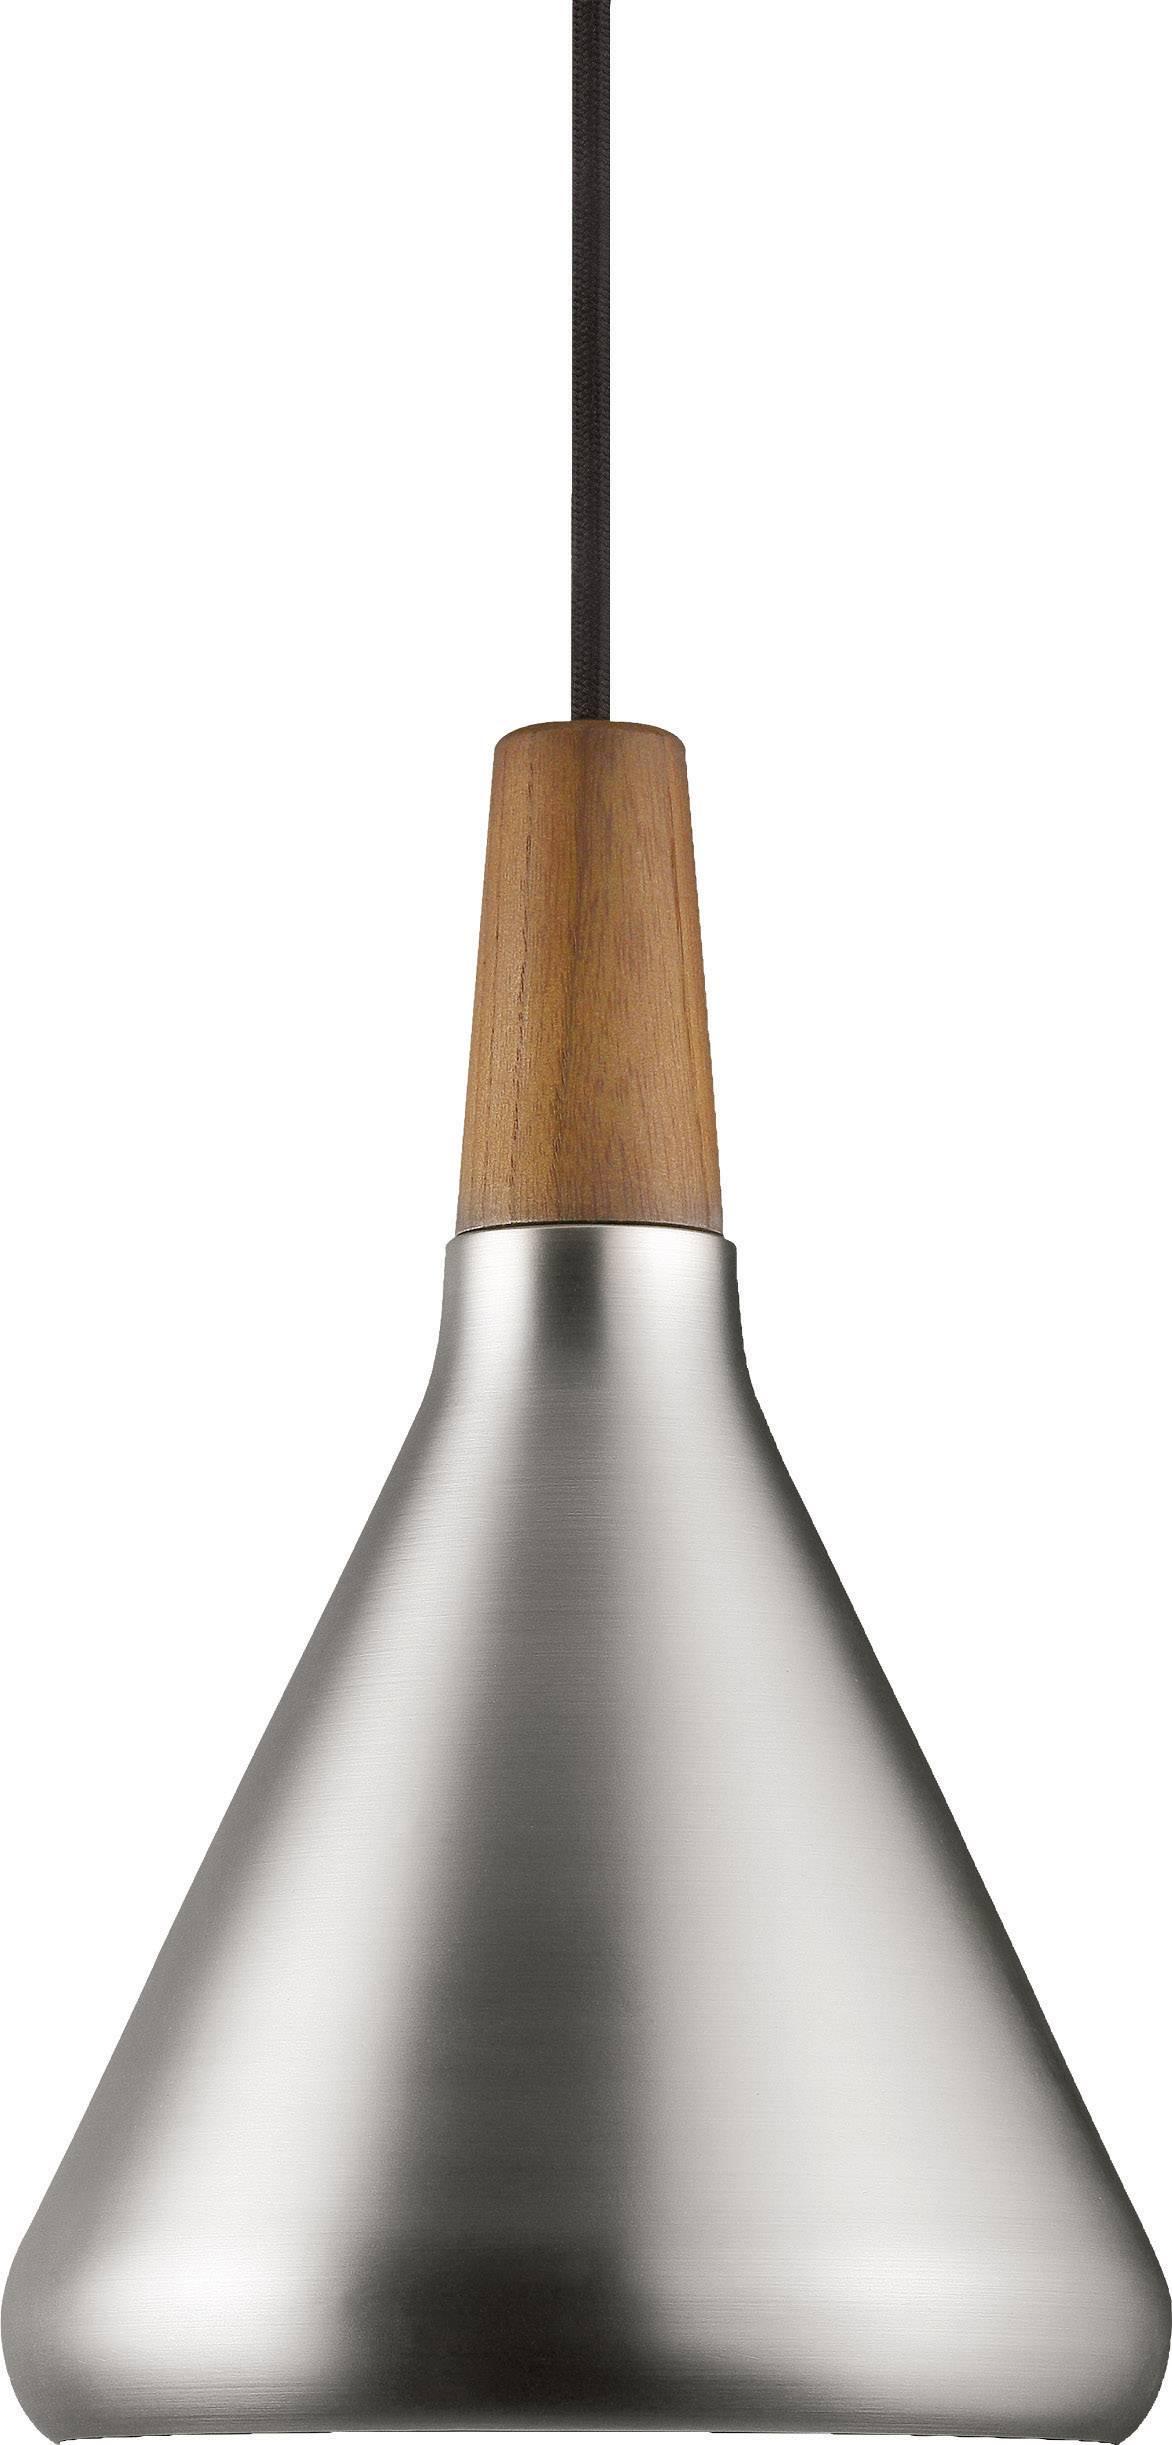 Závěsné svítidlo Nordlux Float 18, 78203032, 60 W, E27, Ø 18 cm, 27 cm, ocel